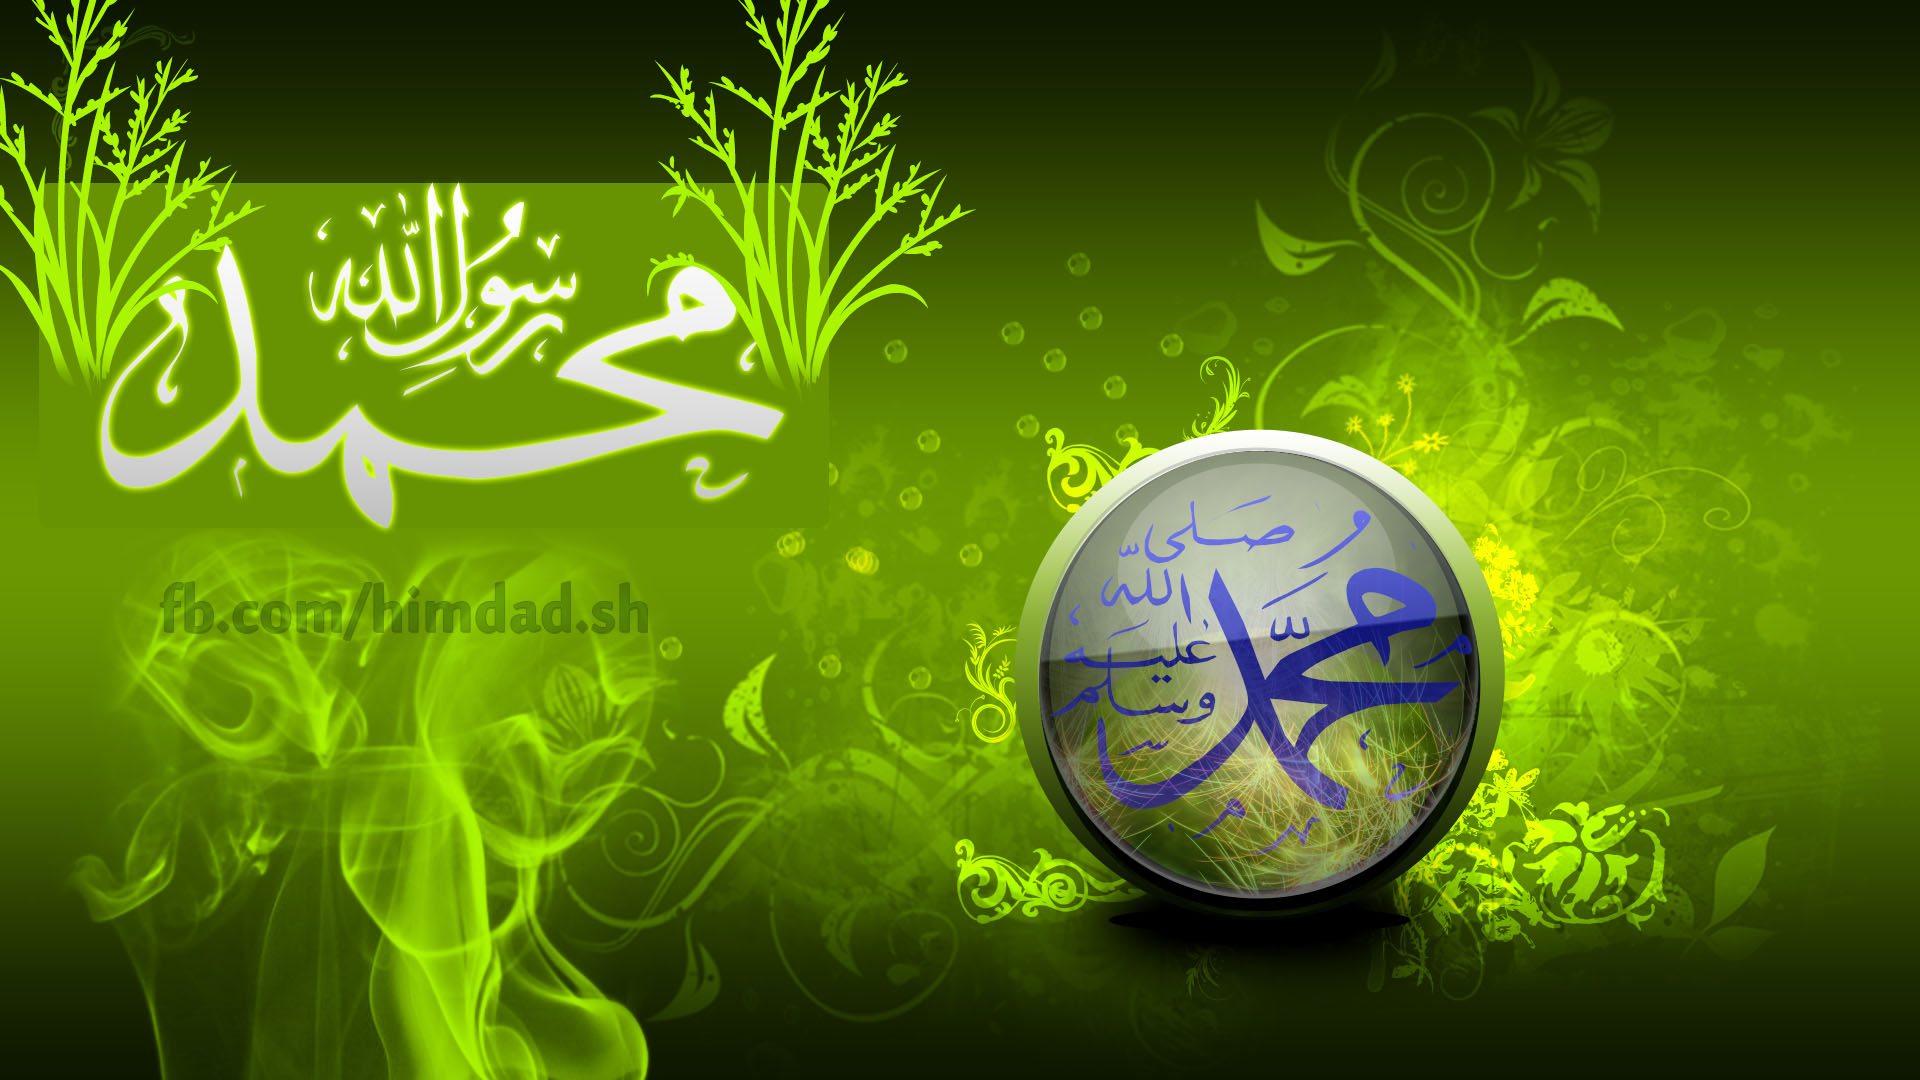 Allah and muhammad hd wallpaper wallpapersafari - A and s name wallpaper ...